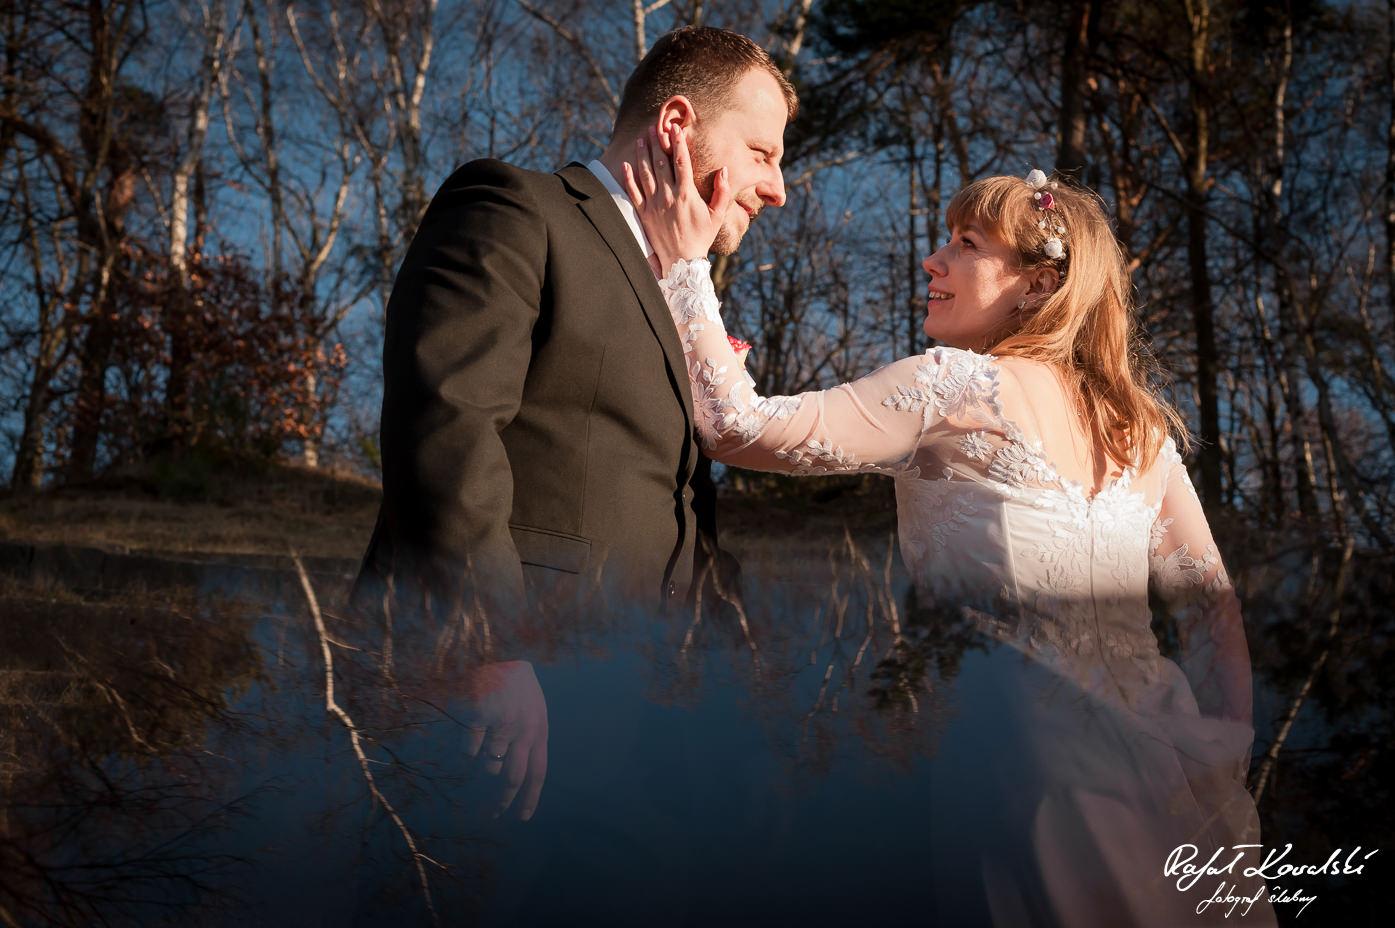 czułe gesty pomiędzy pozującą parą są bardzo pożądane na plenerze ślubnym, nie tylko w Gdyni